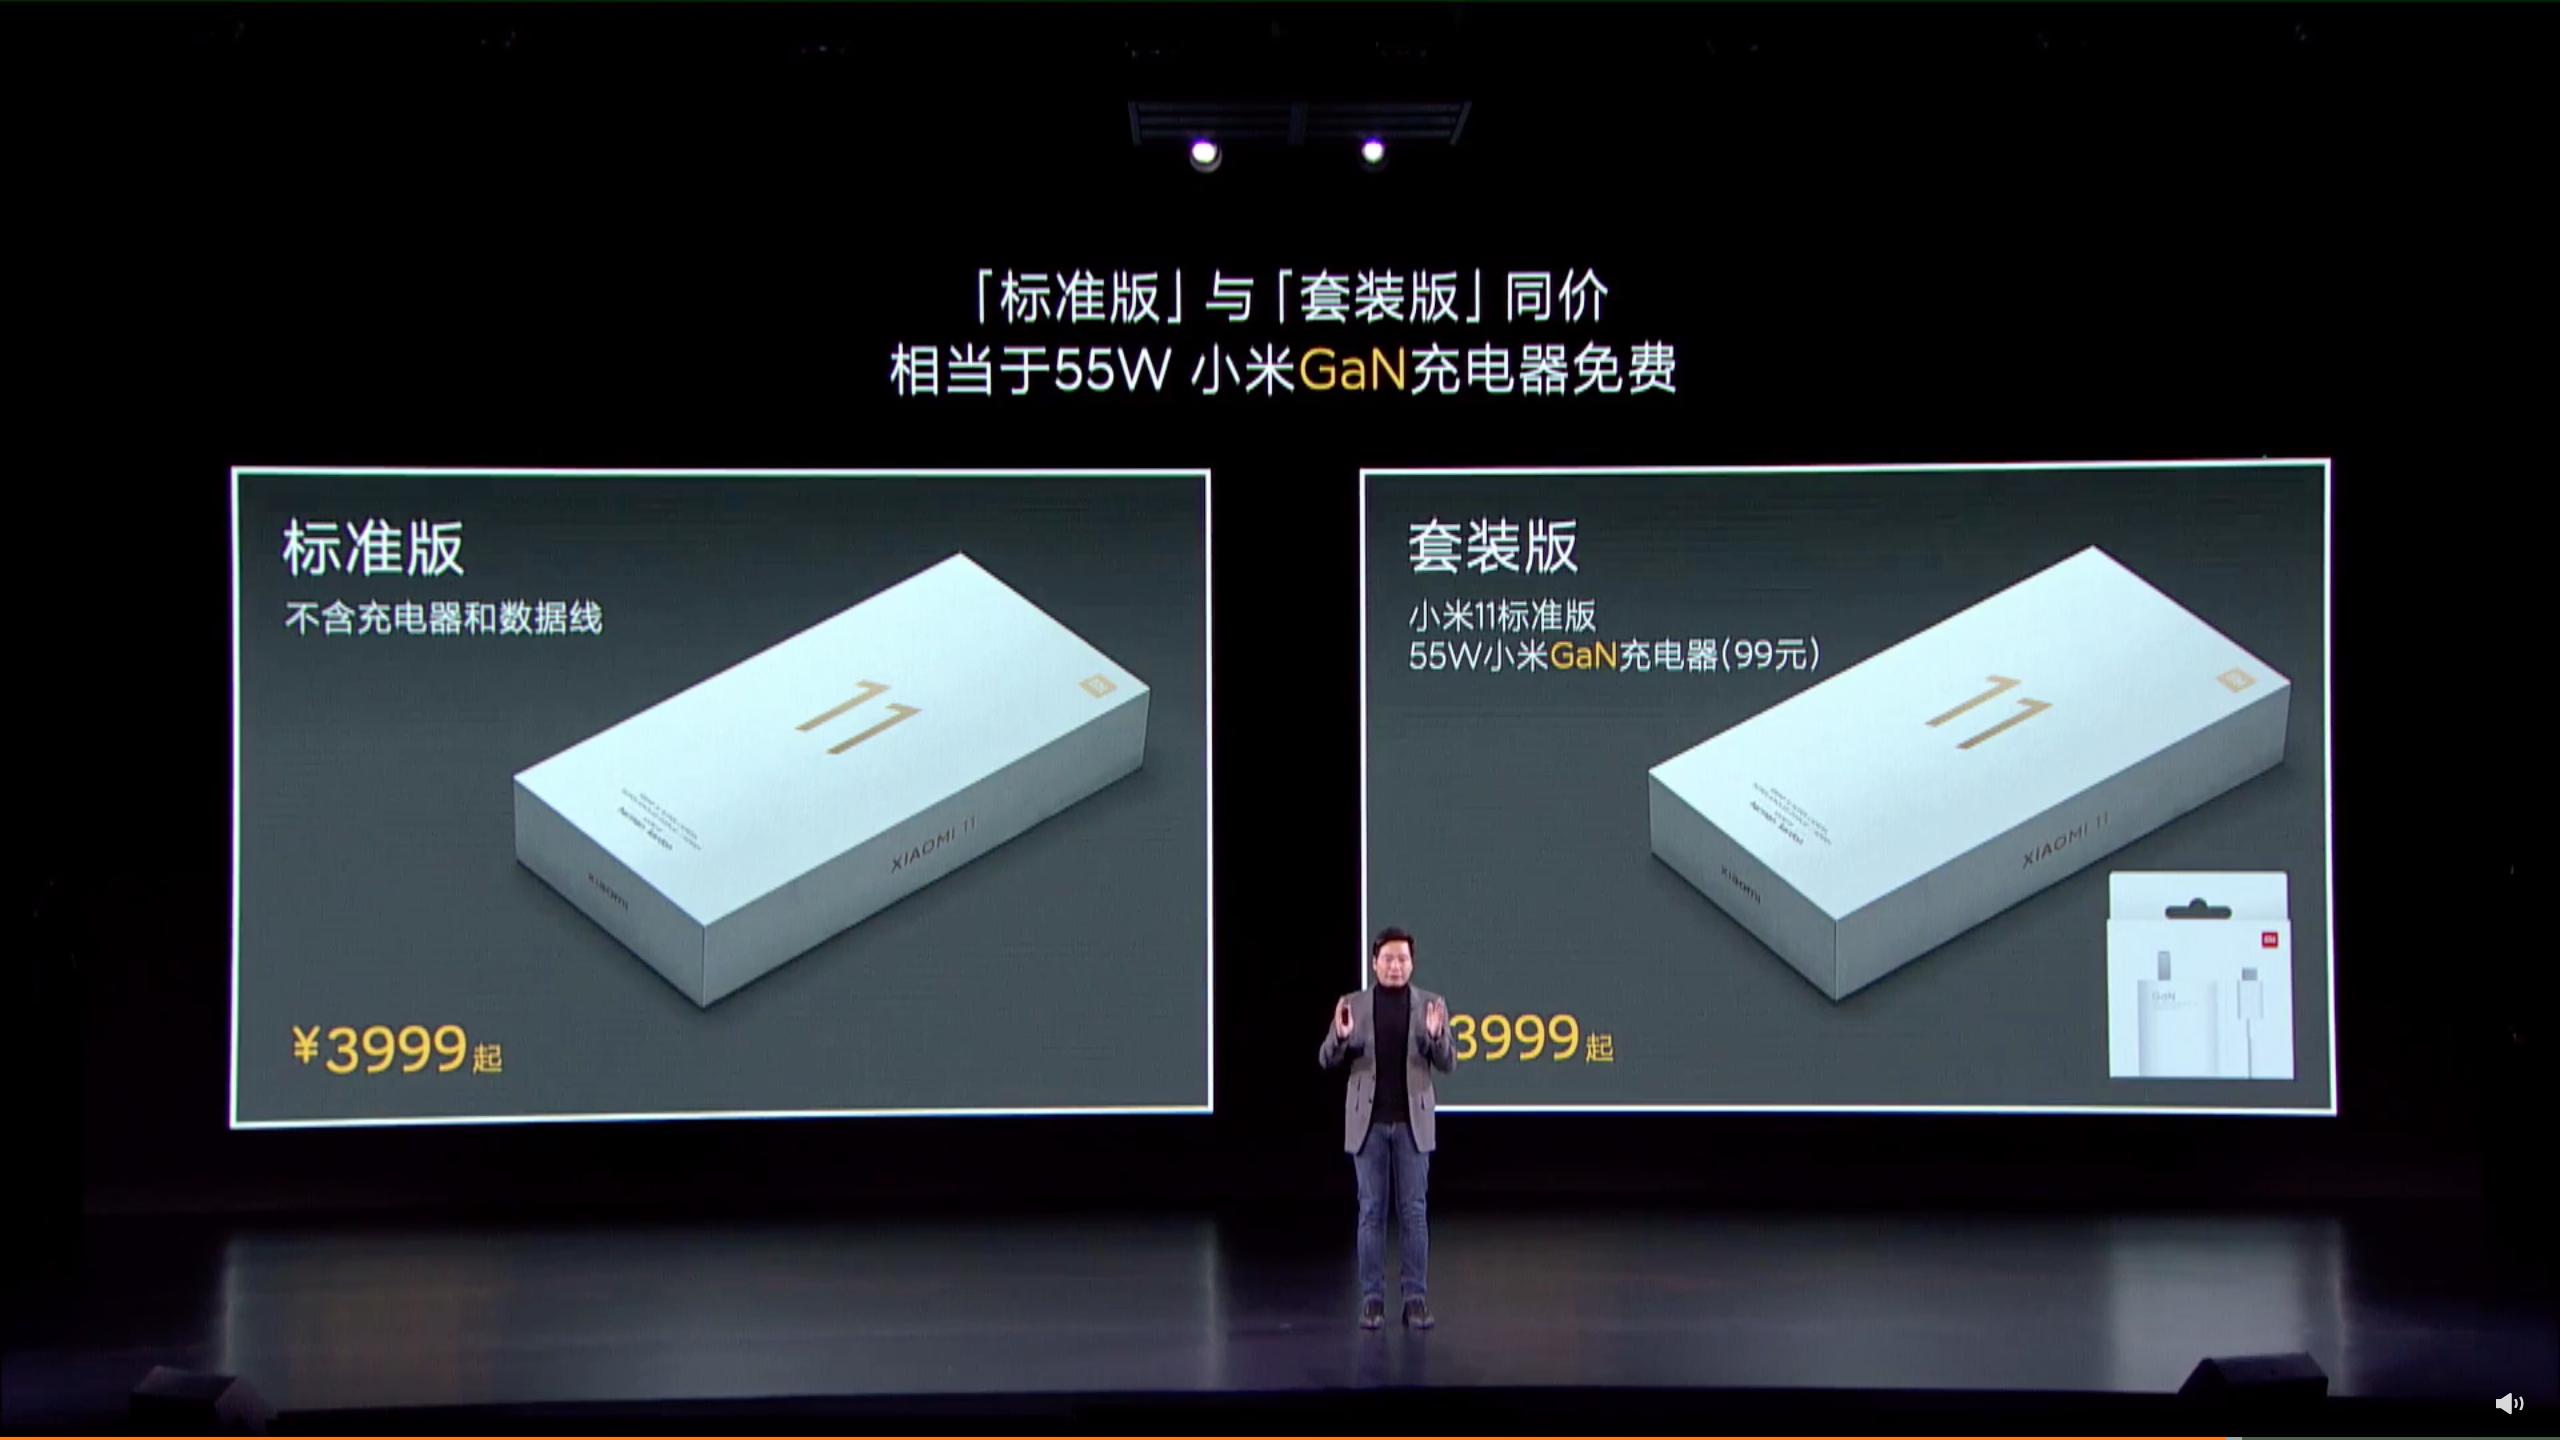 Cùng bỏ củ sạc bảo vệ môi trường giống Apple, nhưng Xiaomi mới là người làm đúng - Ảnh 1.